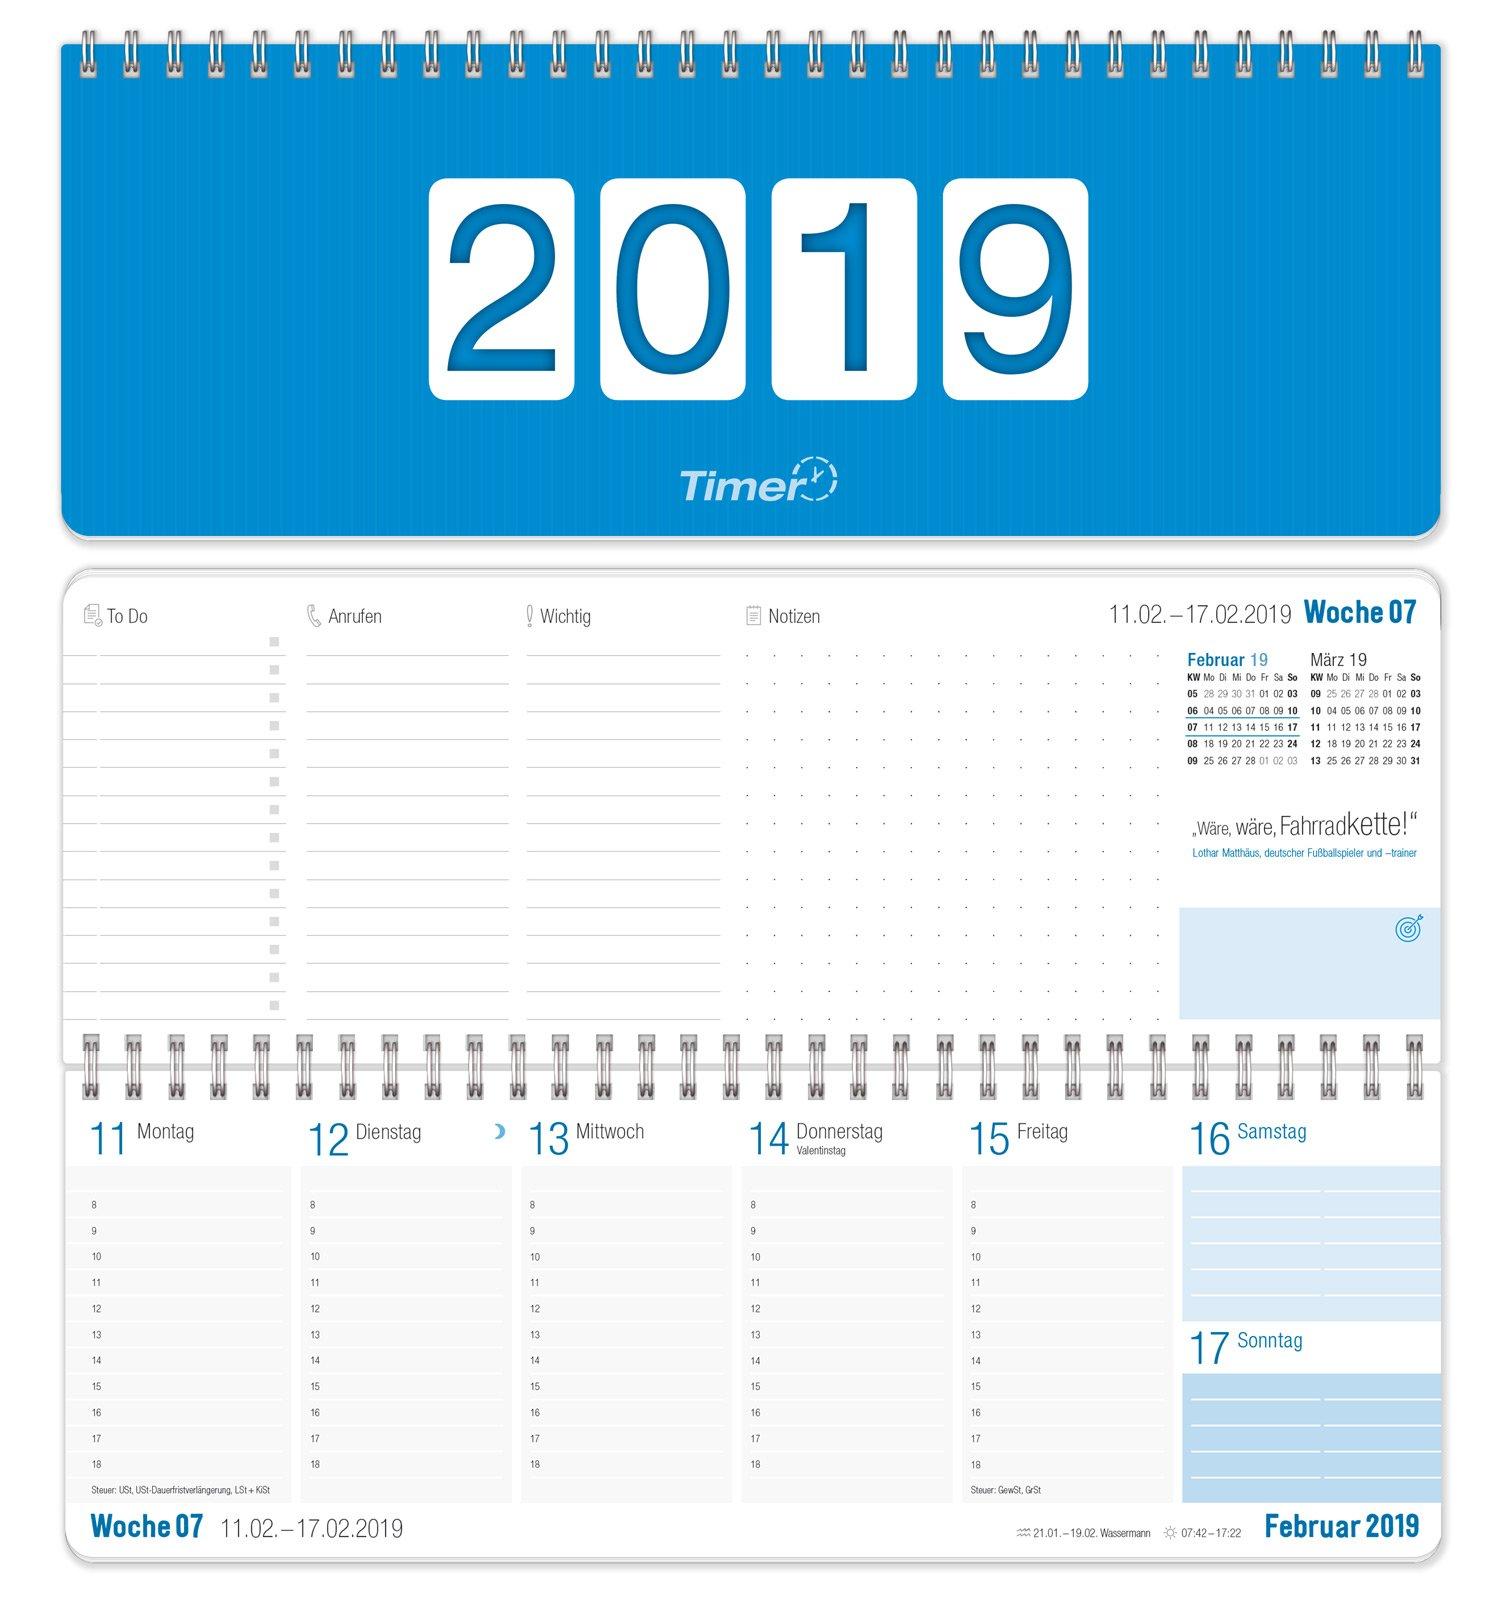 Wochen-Tischkalender 2019, Querkalender, 2-farbig, runde Ecken 29,7x10,5, 1 Woche 2 Seiten, Querterminbuch für Büro und Schreibtisch mit Zusatzinfos